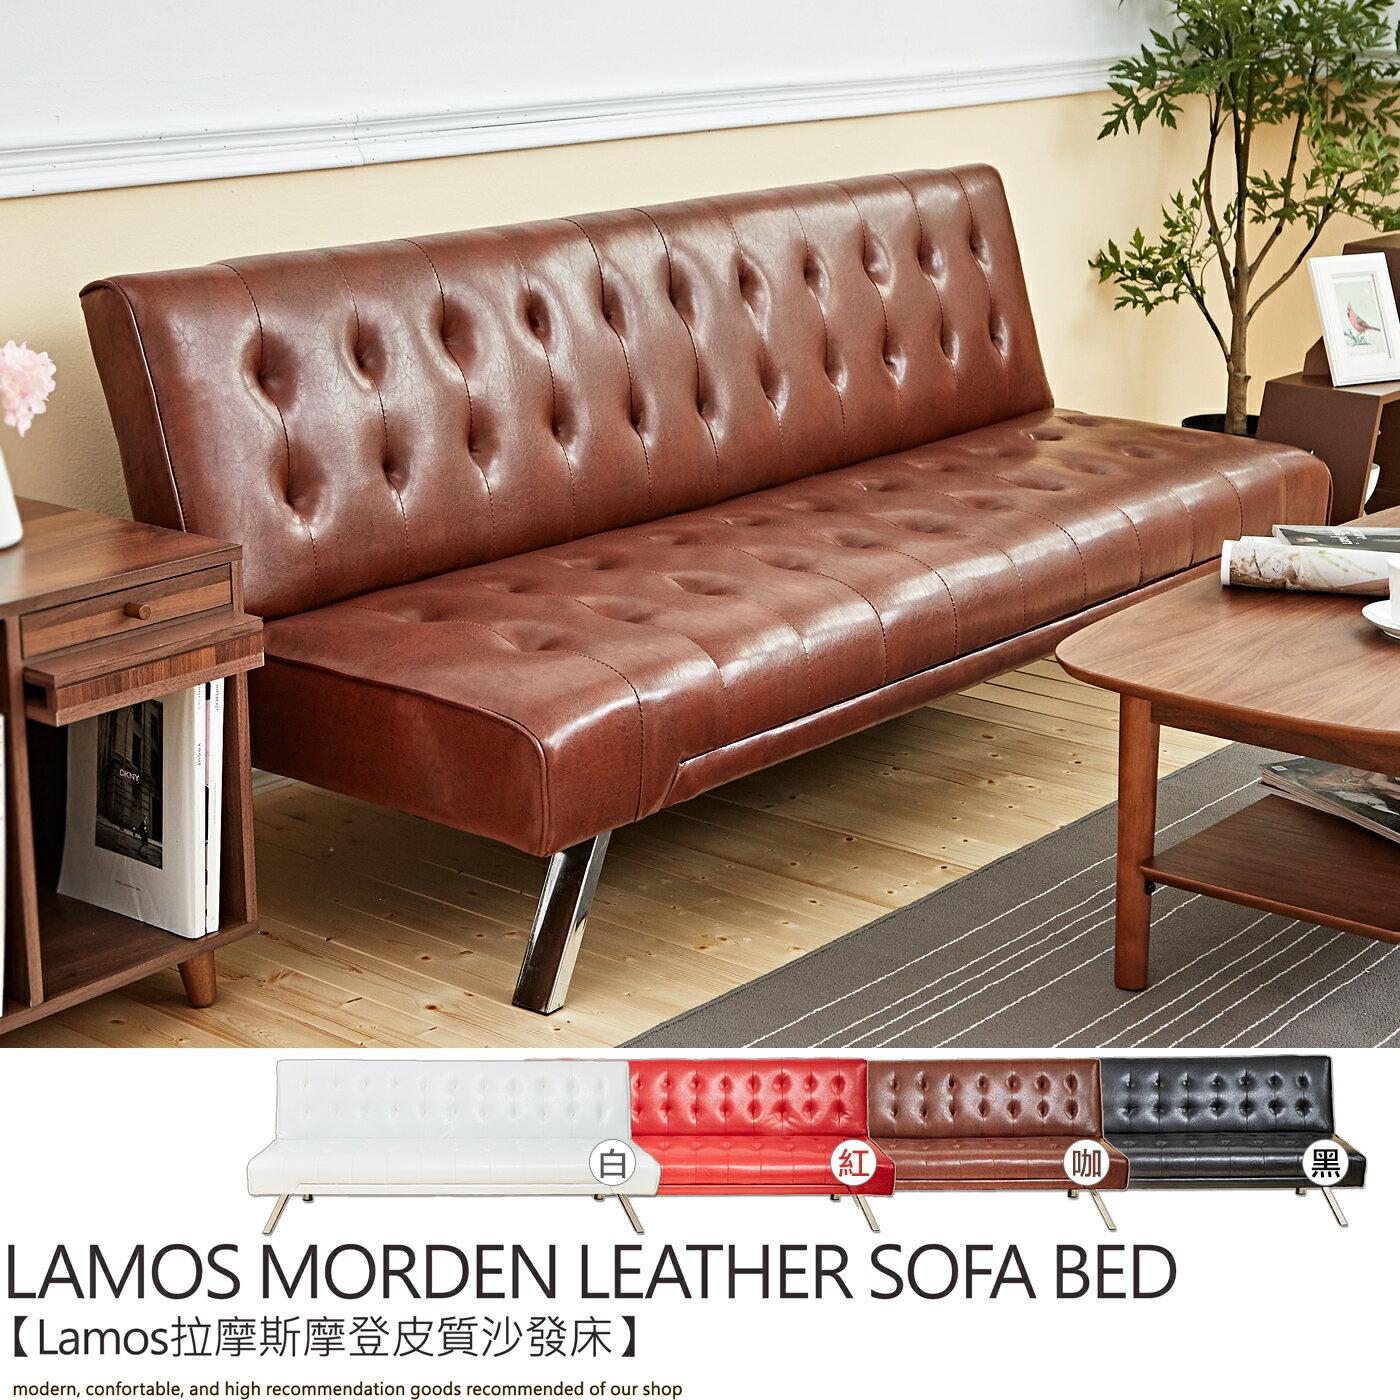 Lamos拉摩斯紐約時尚皮革沙發床★班尼斯國際家具名床 1